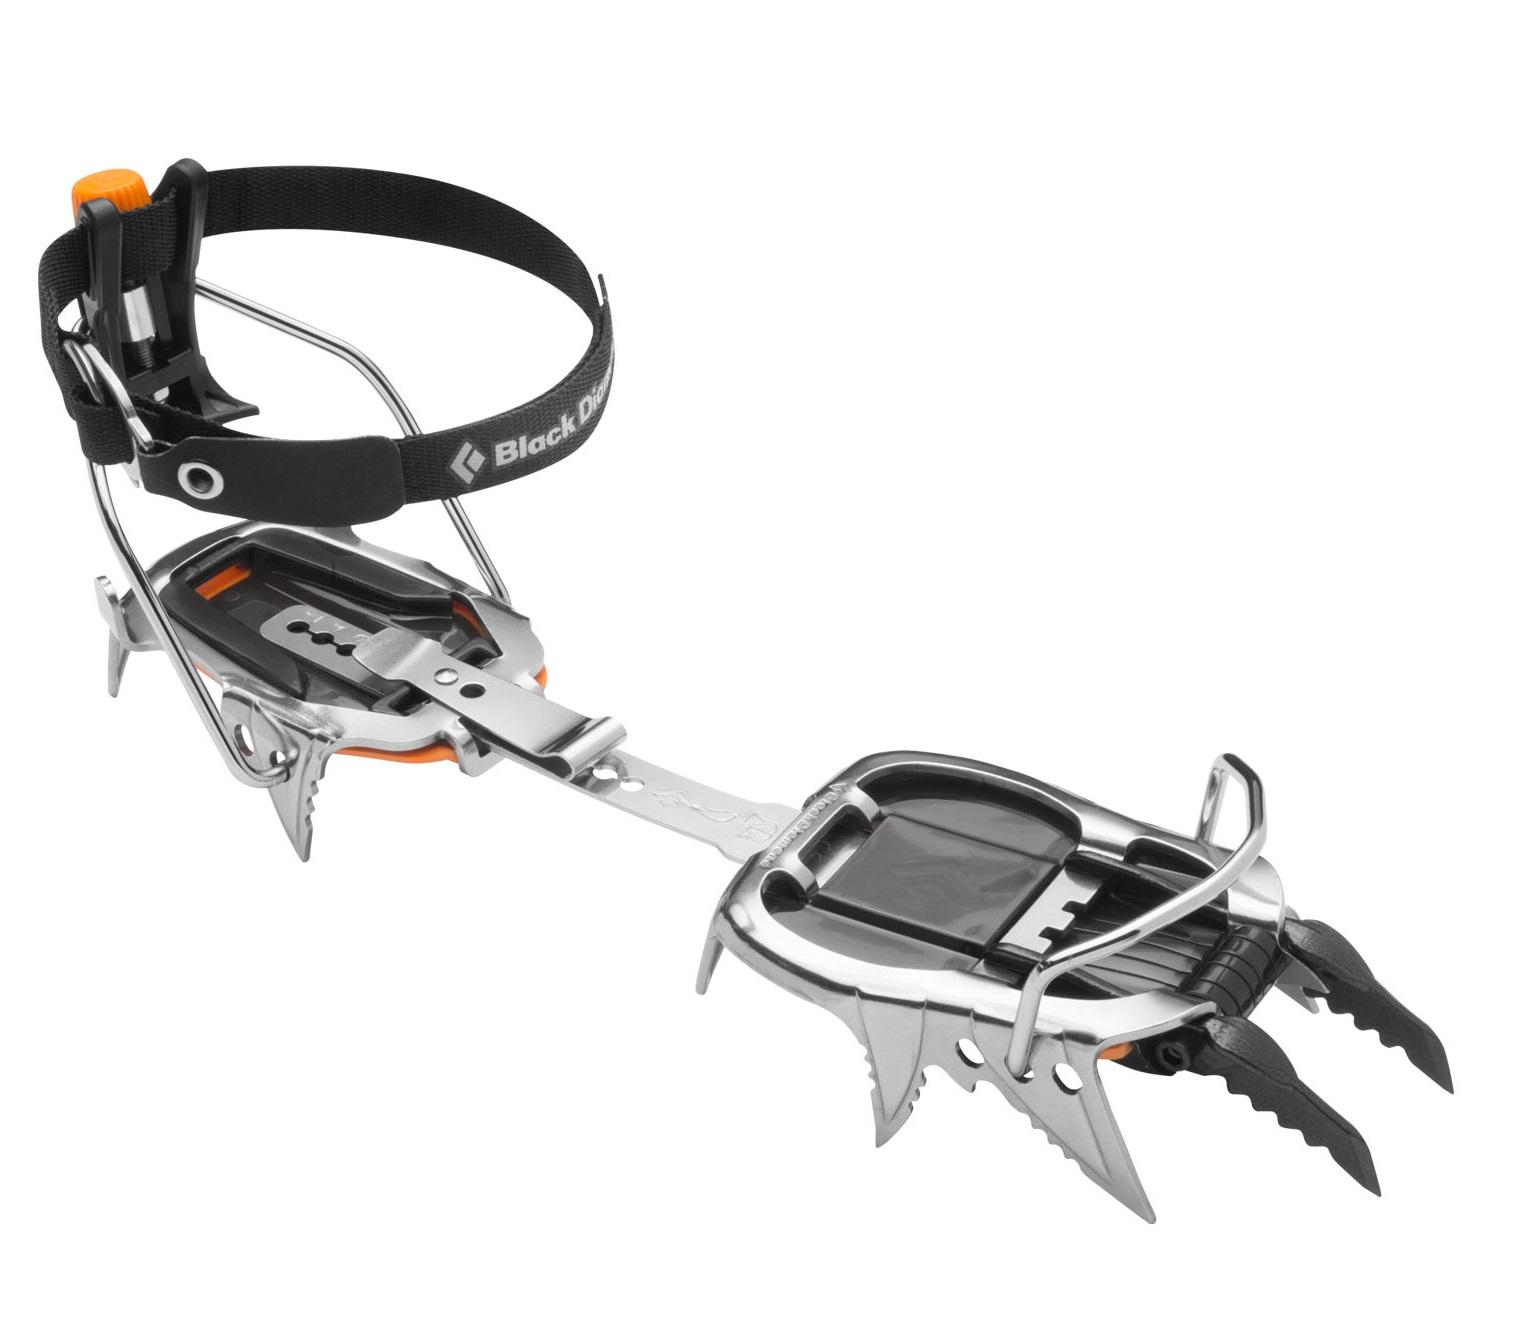 Кошки Black Diamond Cyborg Clip Crampons